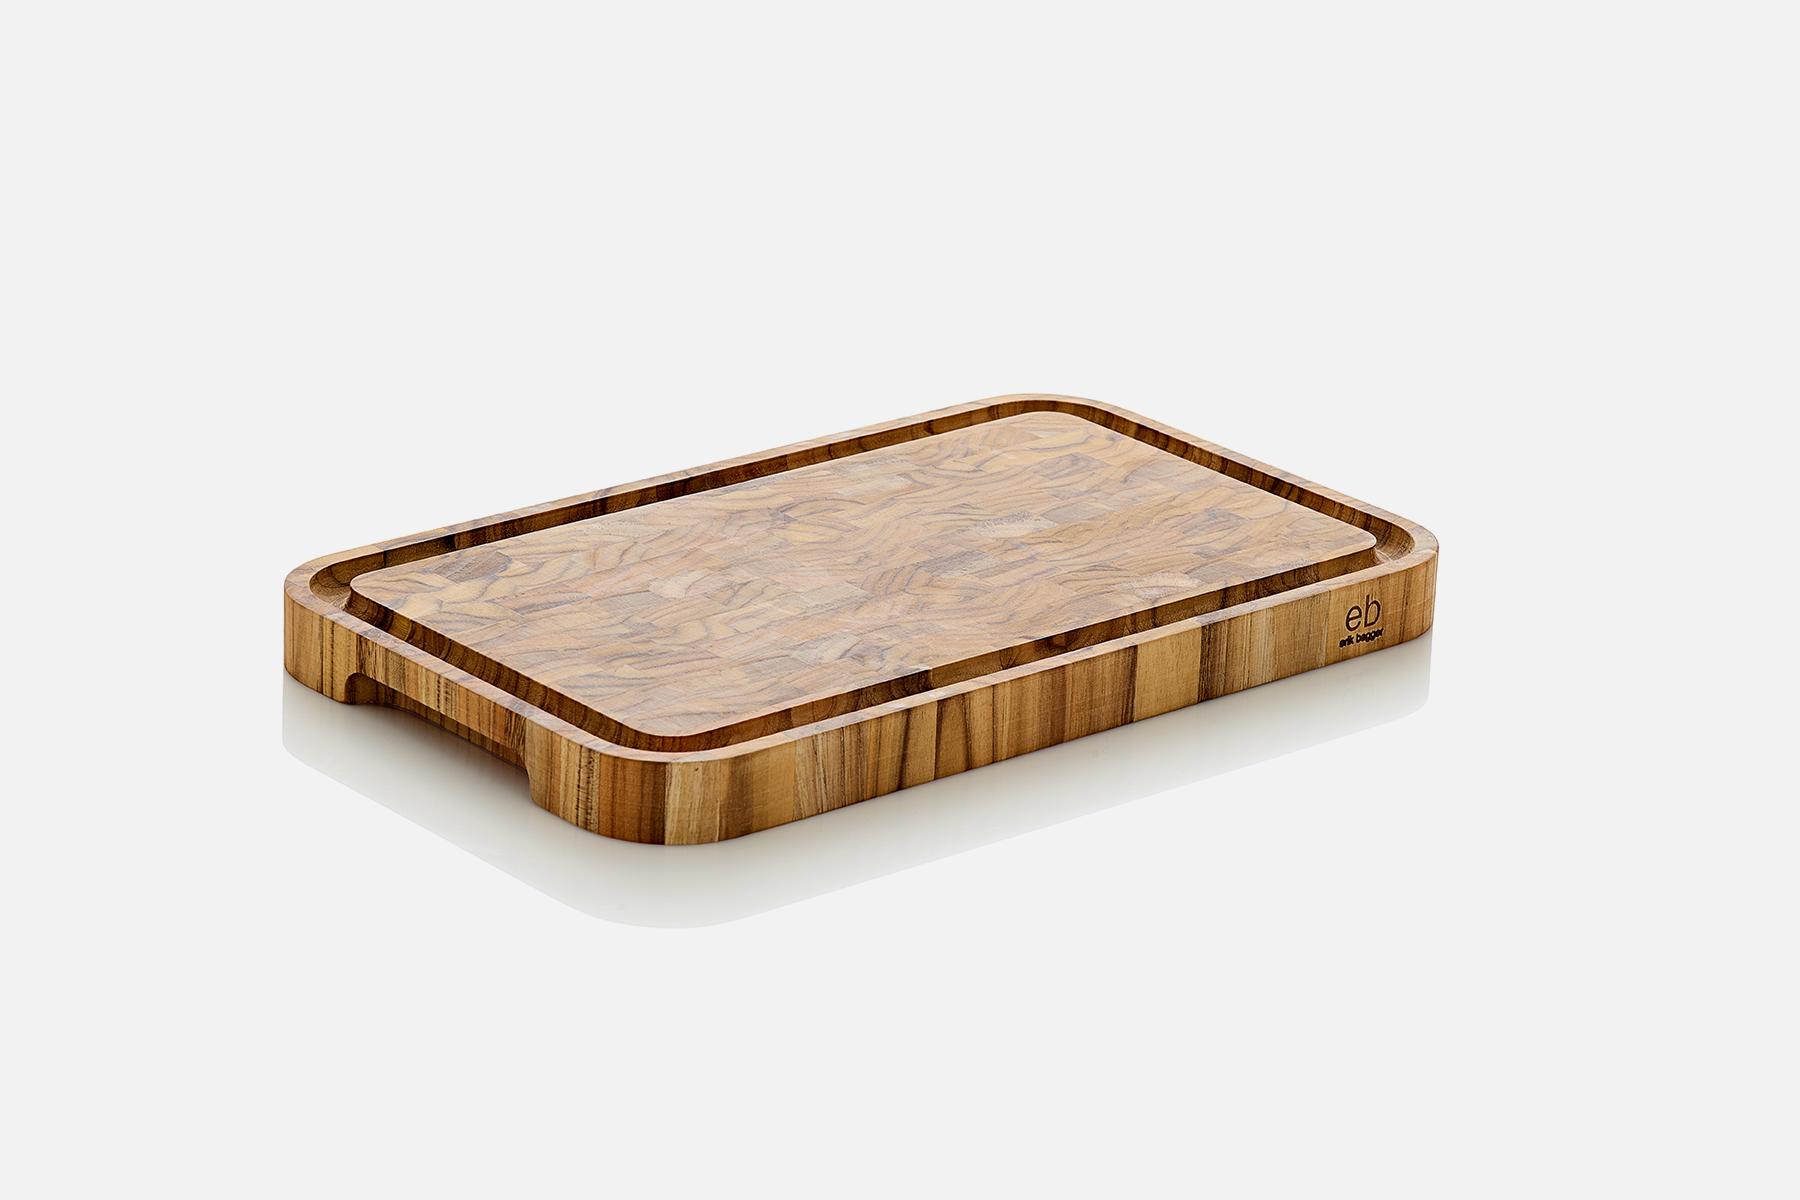 Cutting board - 1 pcs, 40x24cmTeak, FSC certifiedDesign by eb design teamArt. no.: 58137